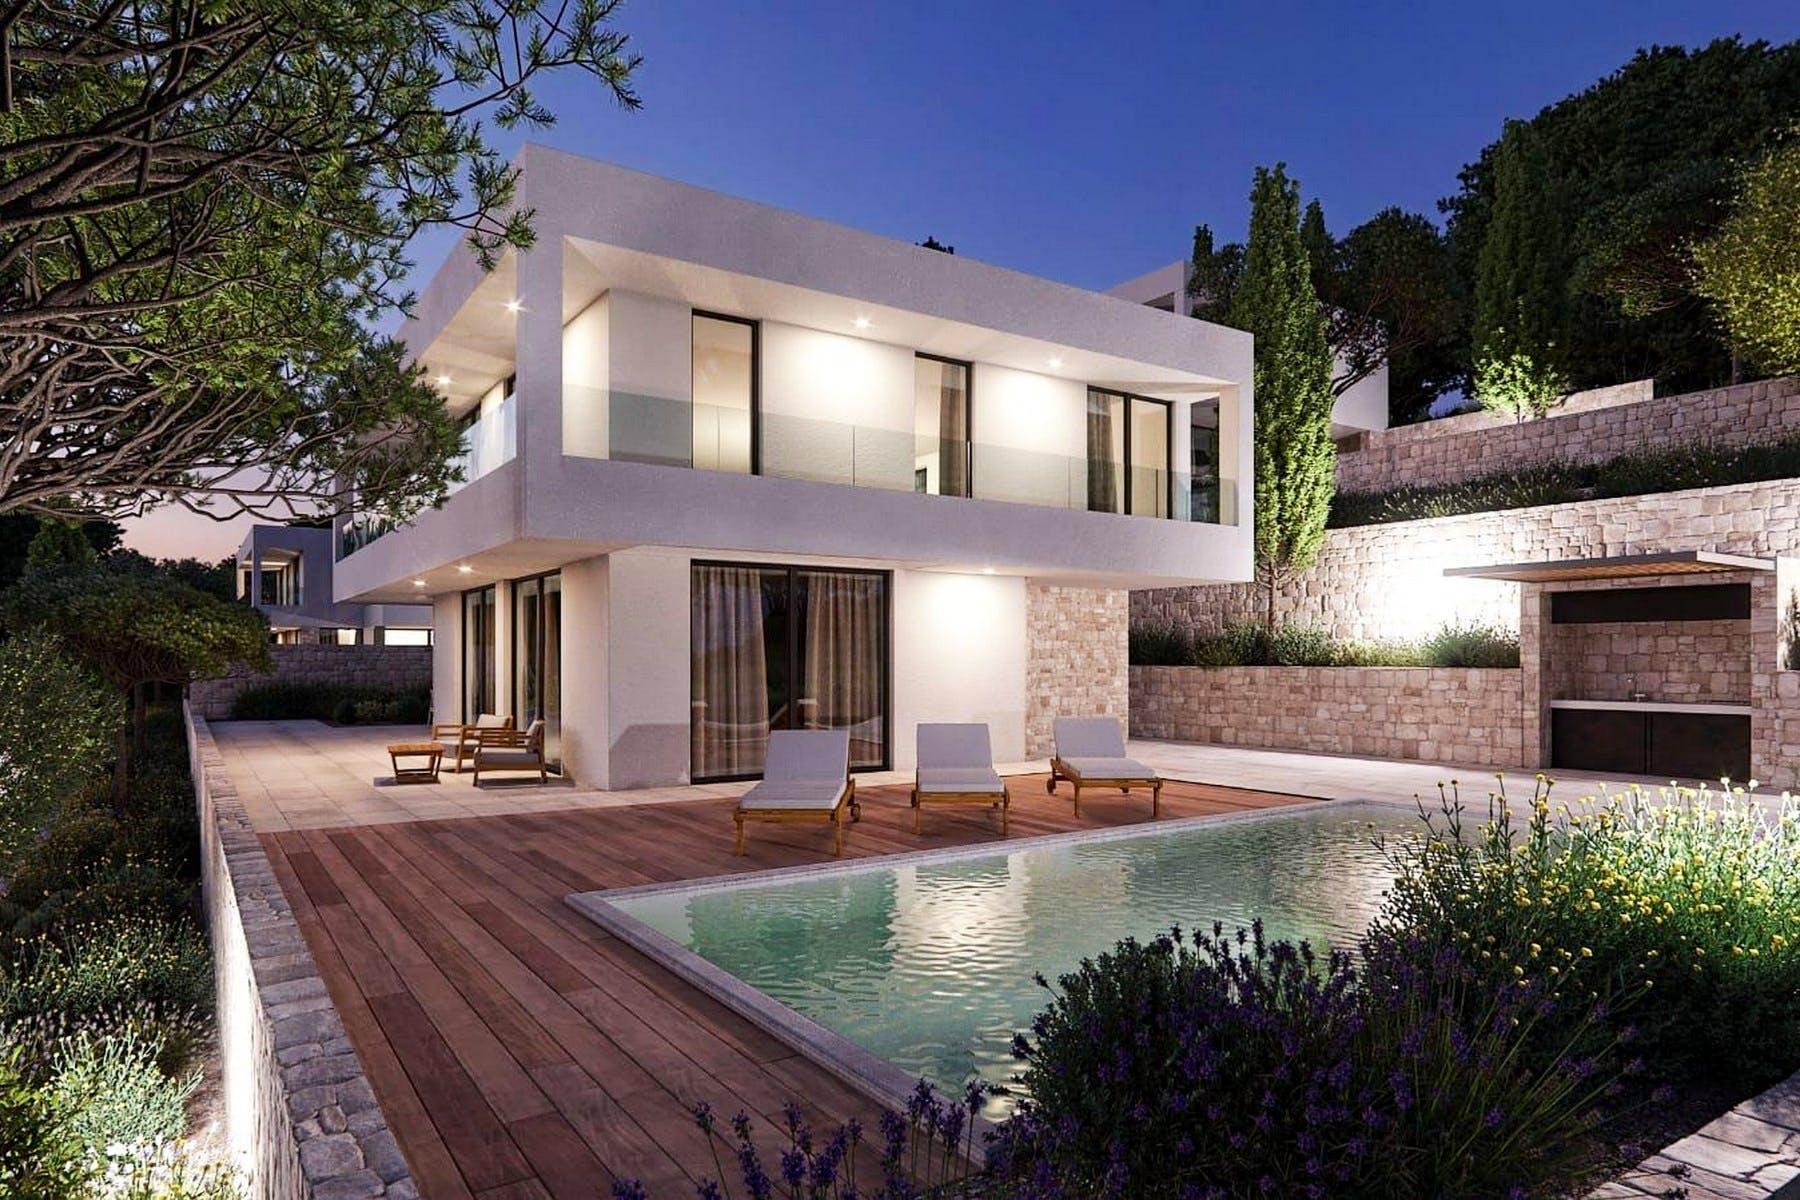 3 D of modern villa